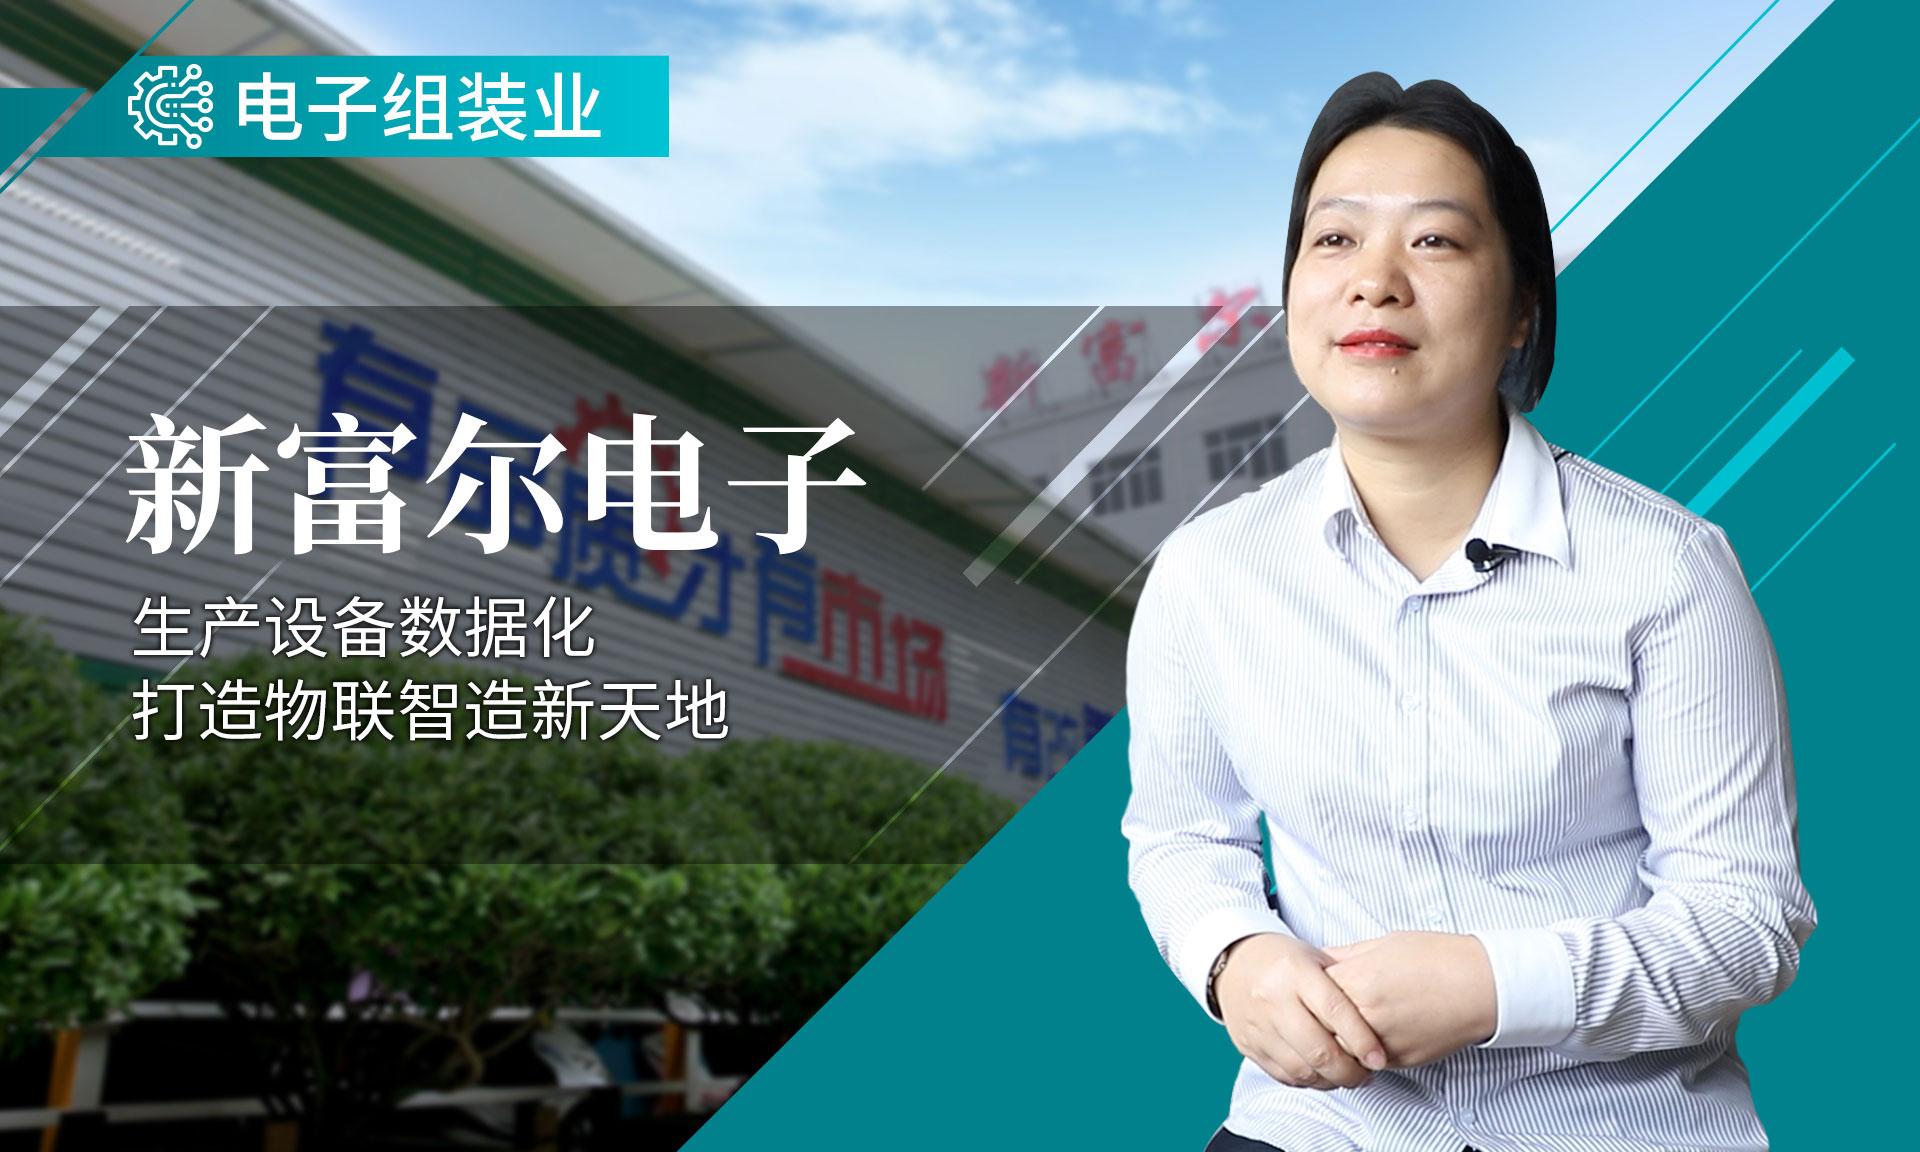 浙江新富尔电子-以数据智慧物联打造高质精品